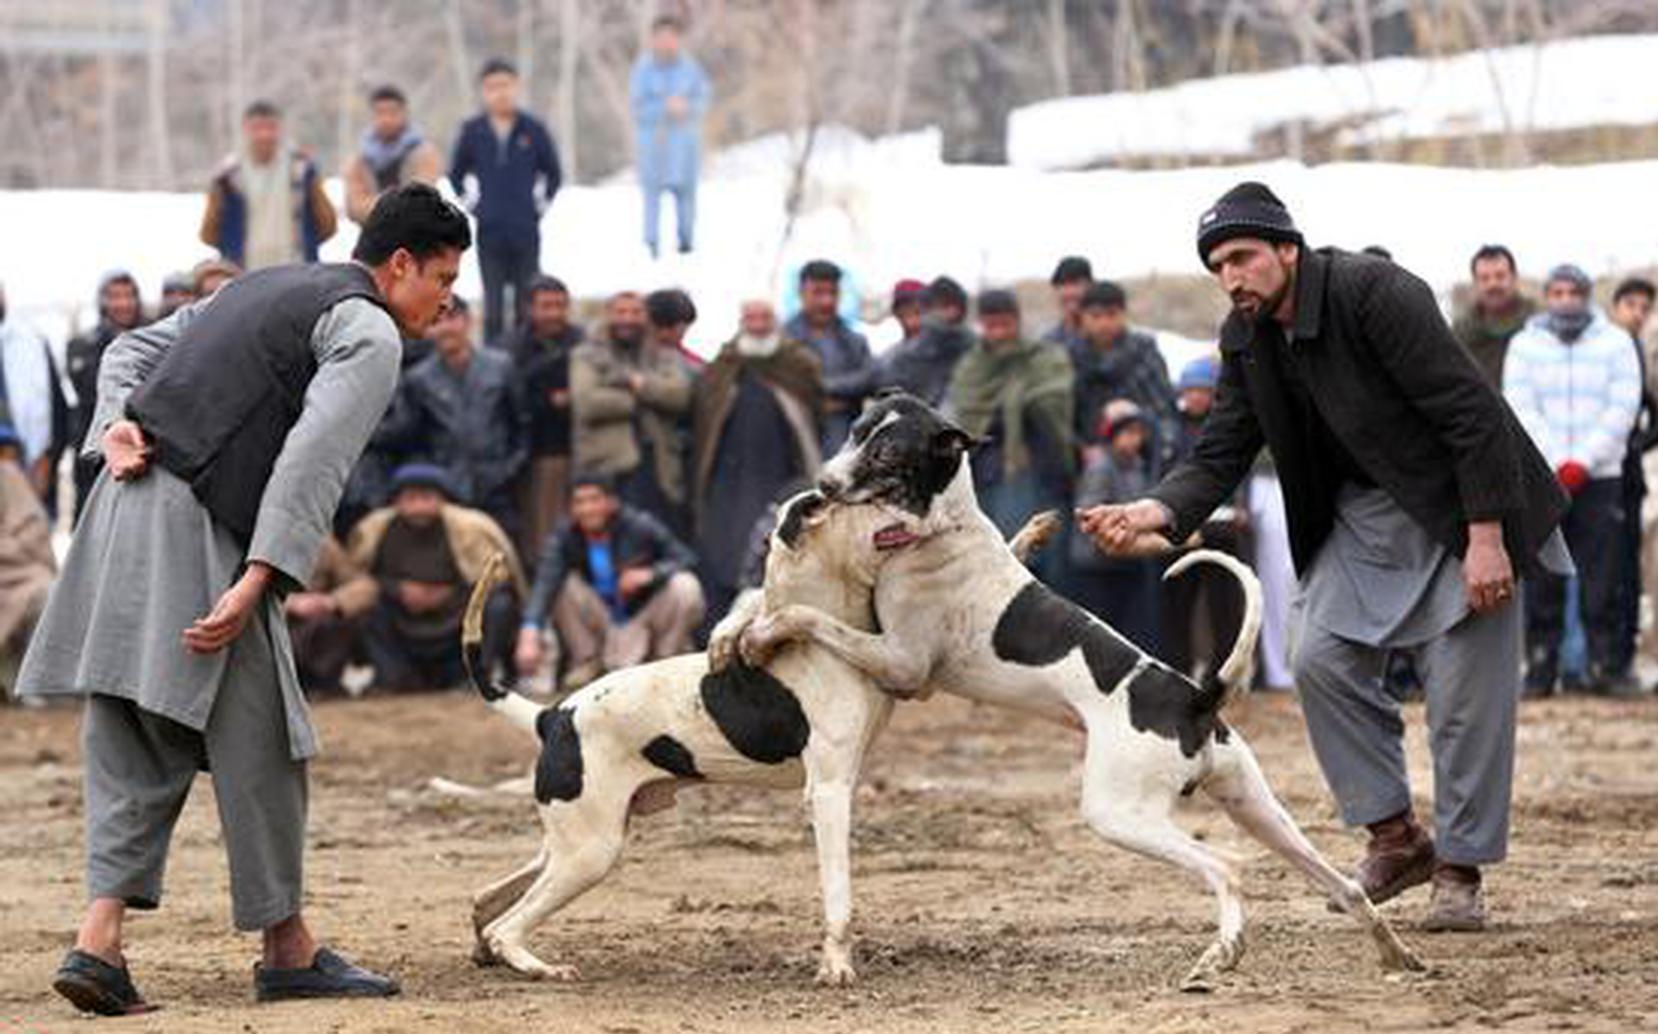 阿富汗斗狗比赛场面残暴